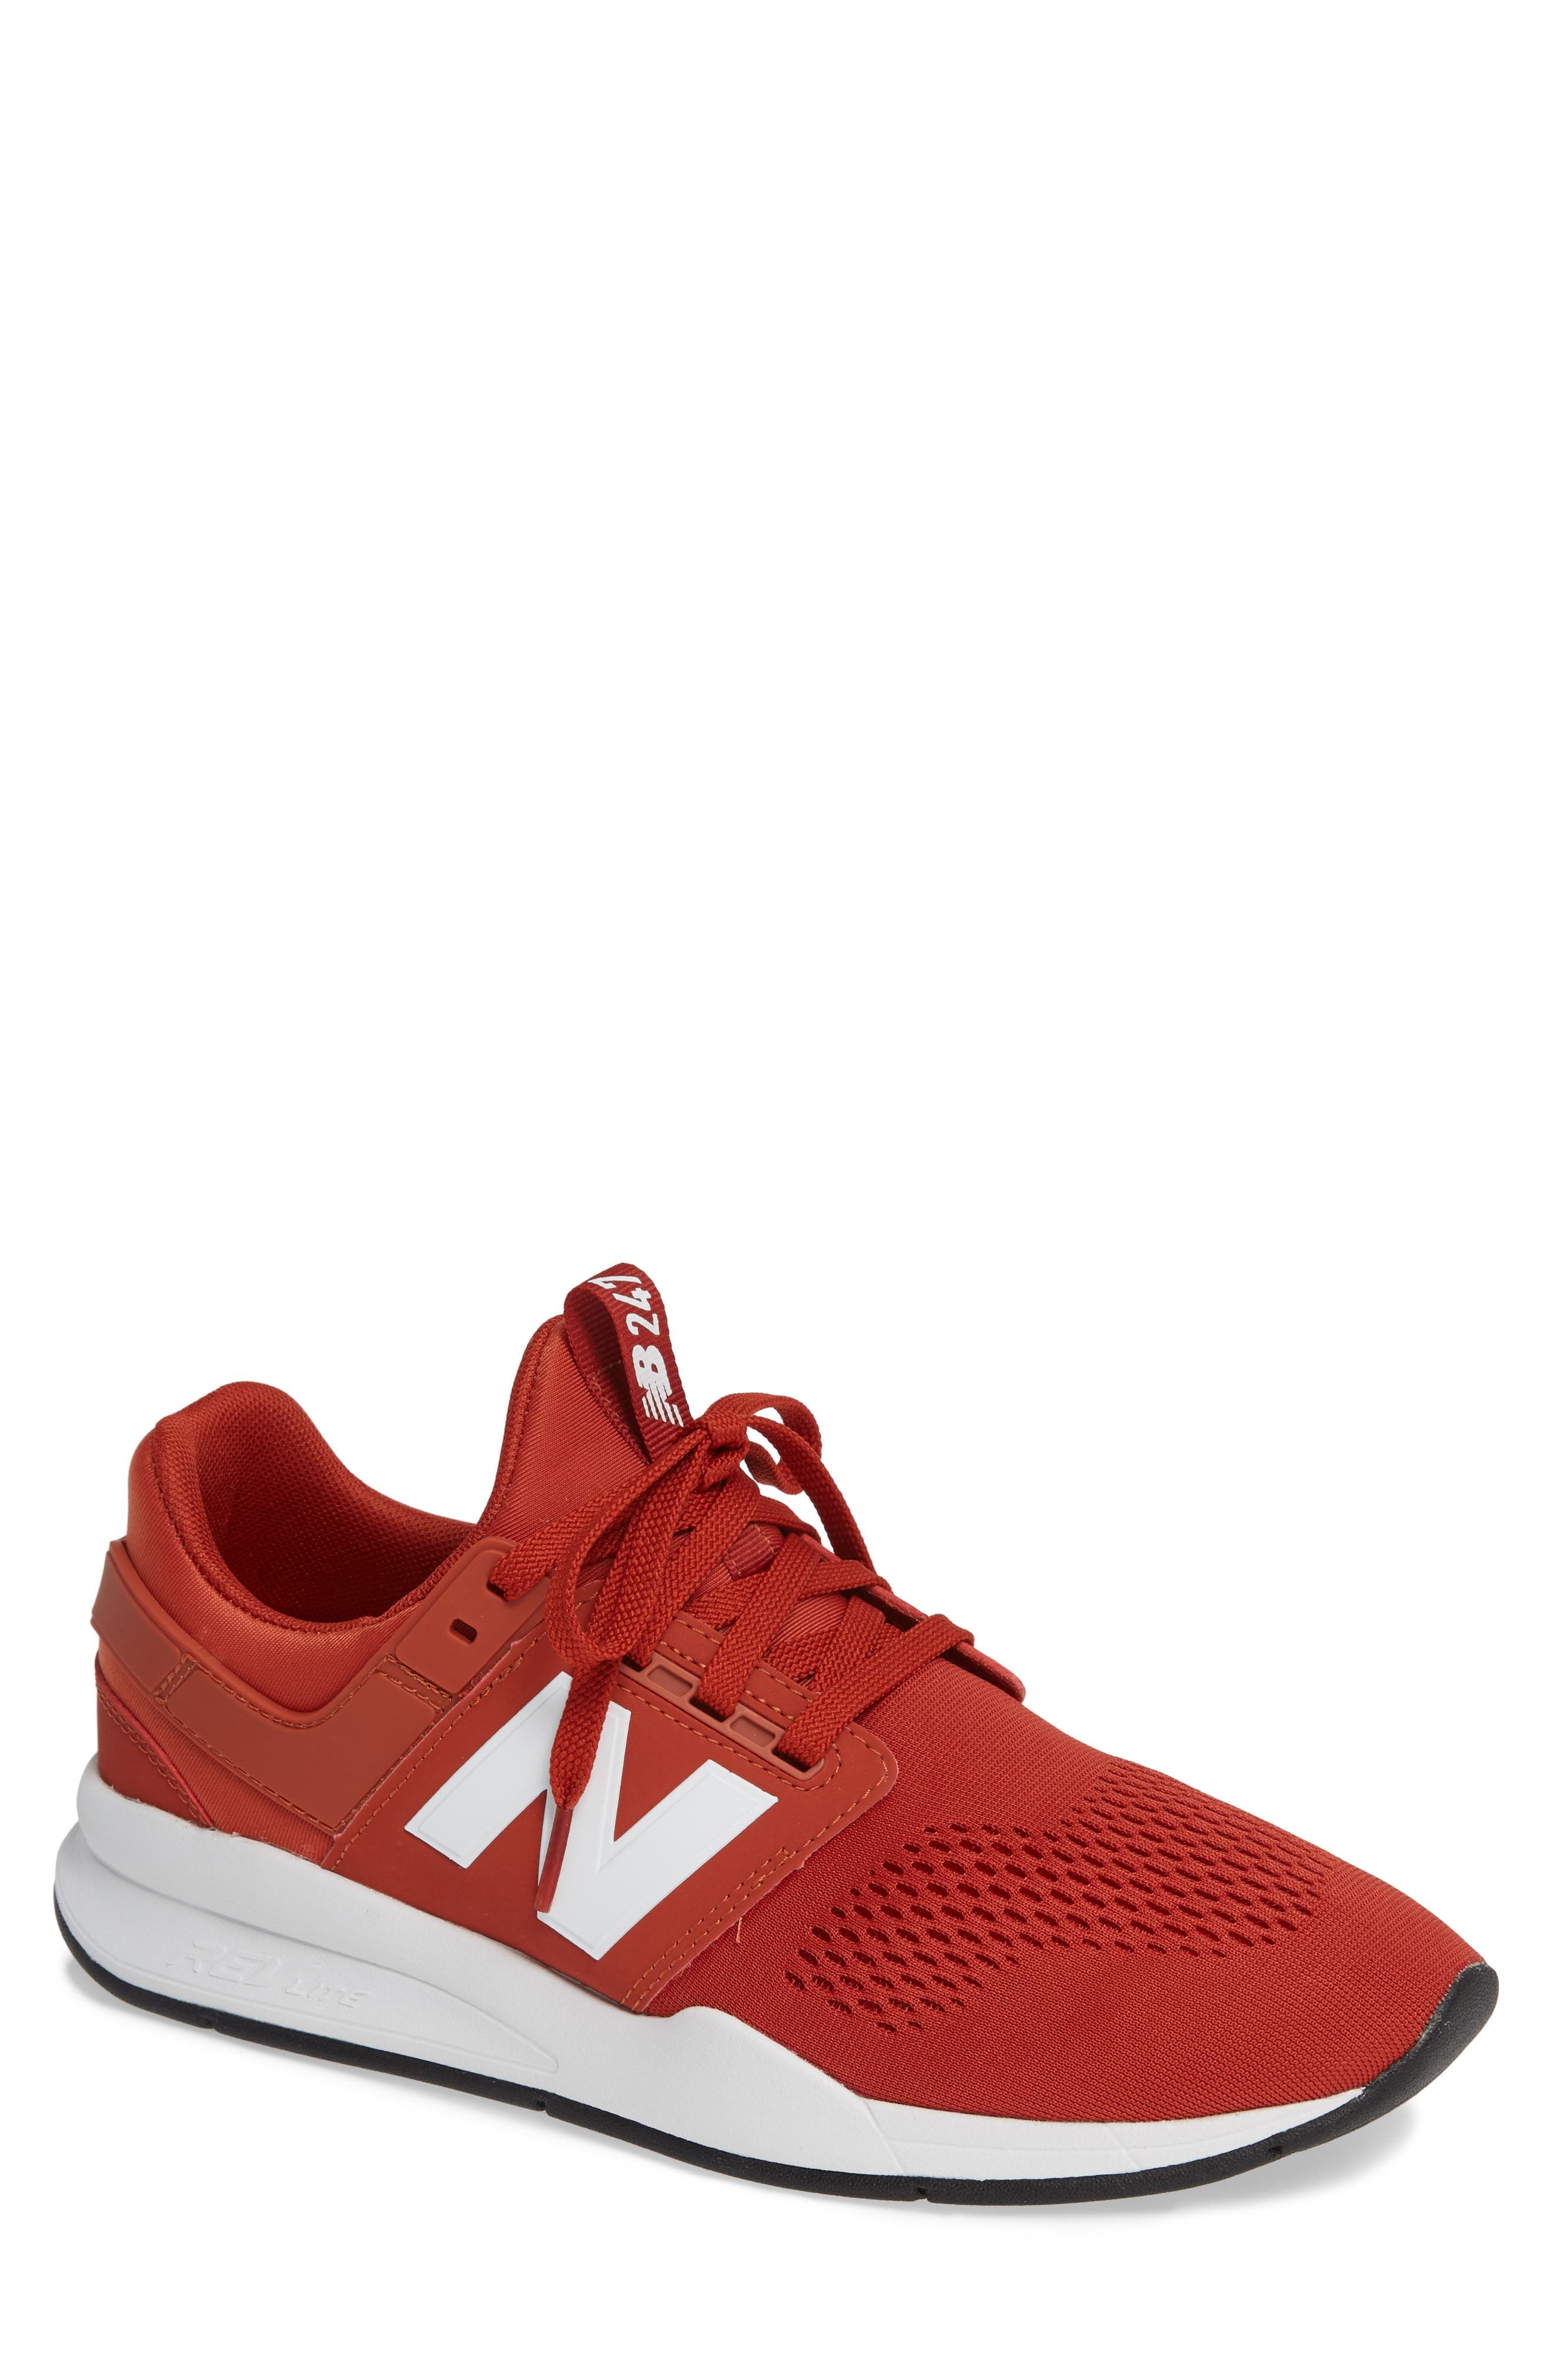 247 Sneaker,                             Main thumbnail 1, color,                             VINTAGE RUSSET